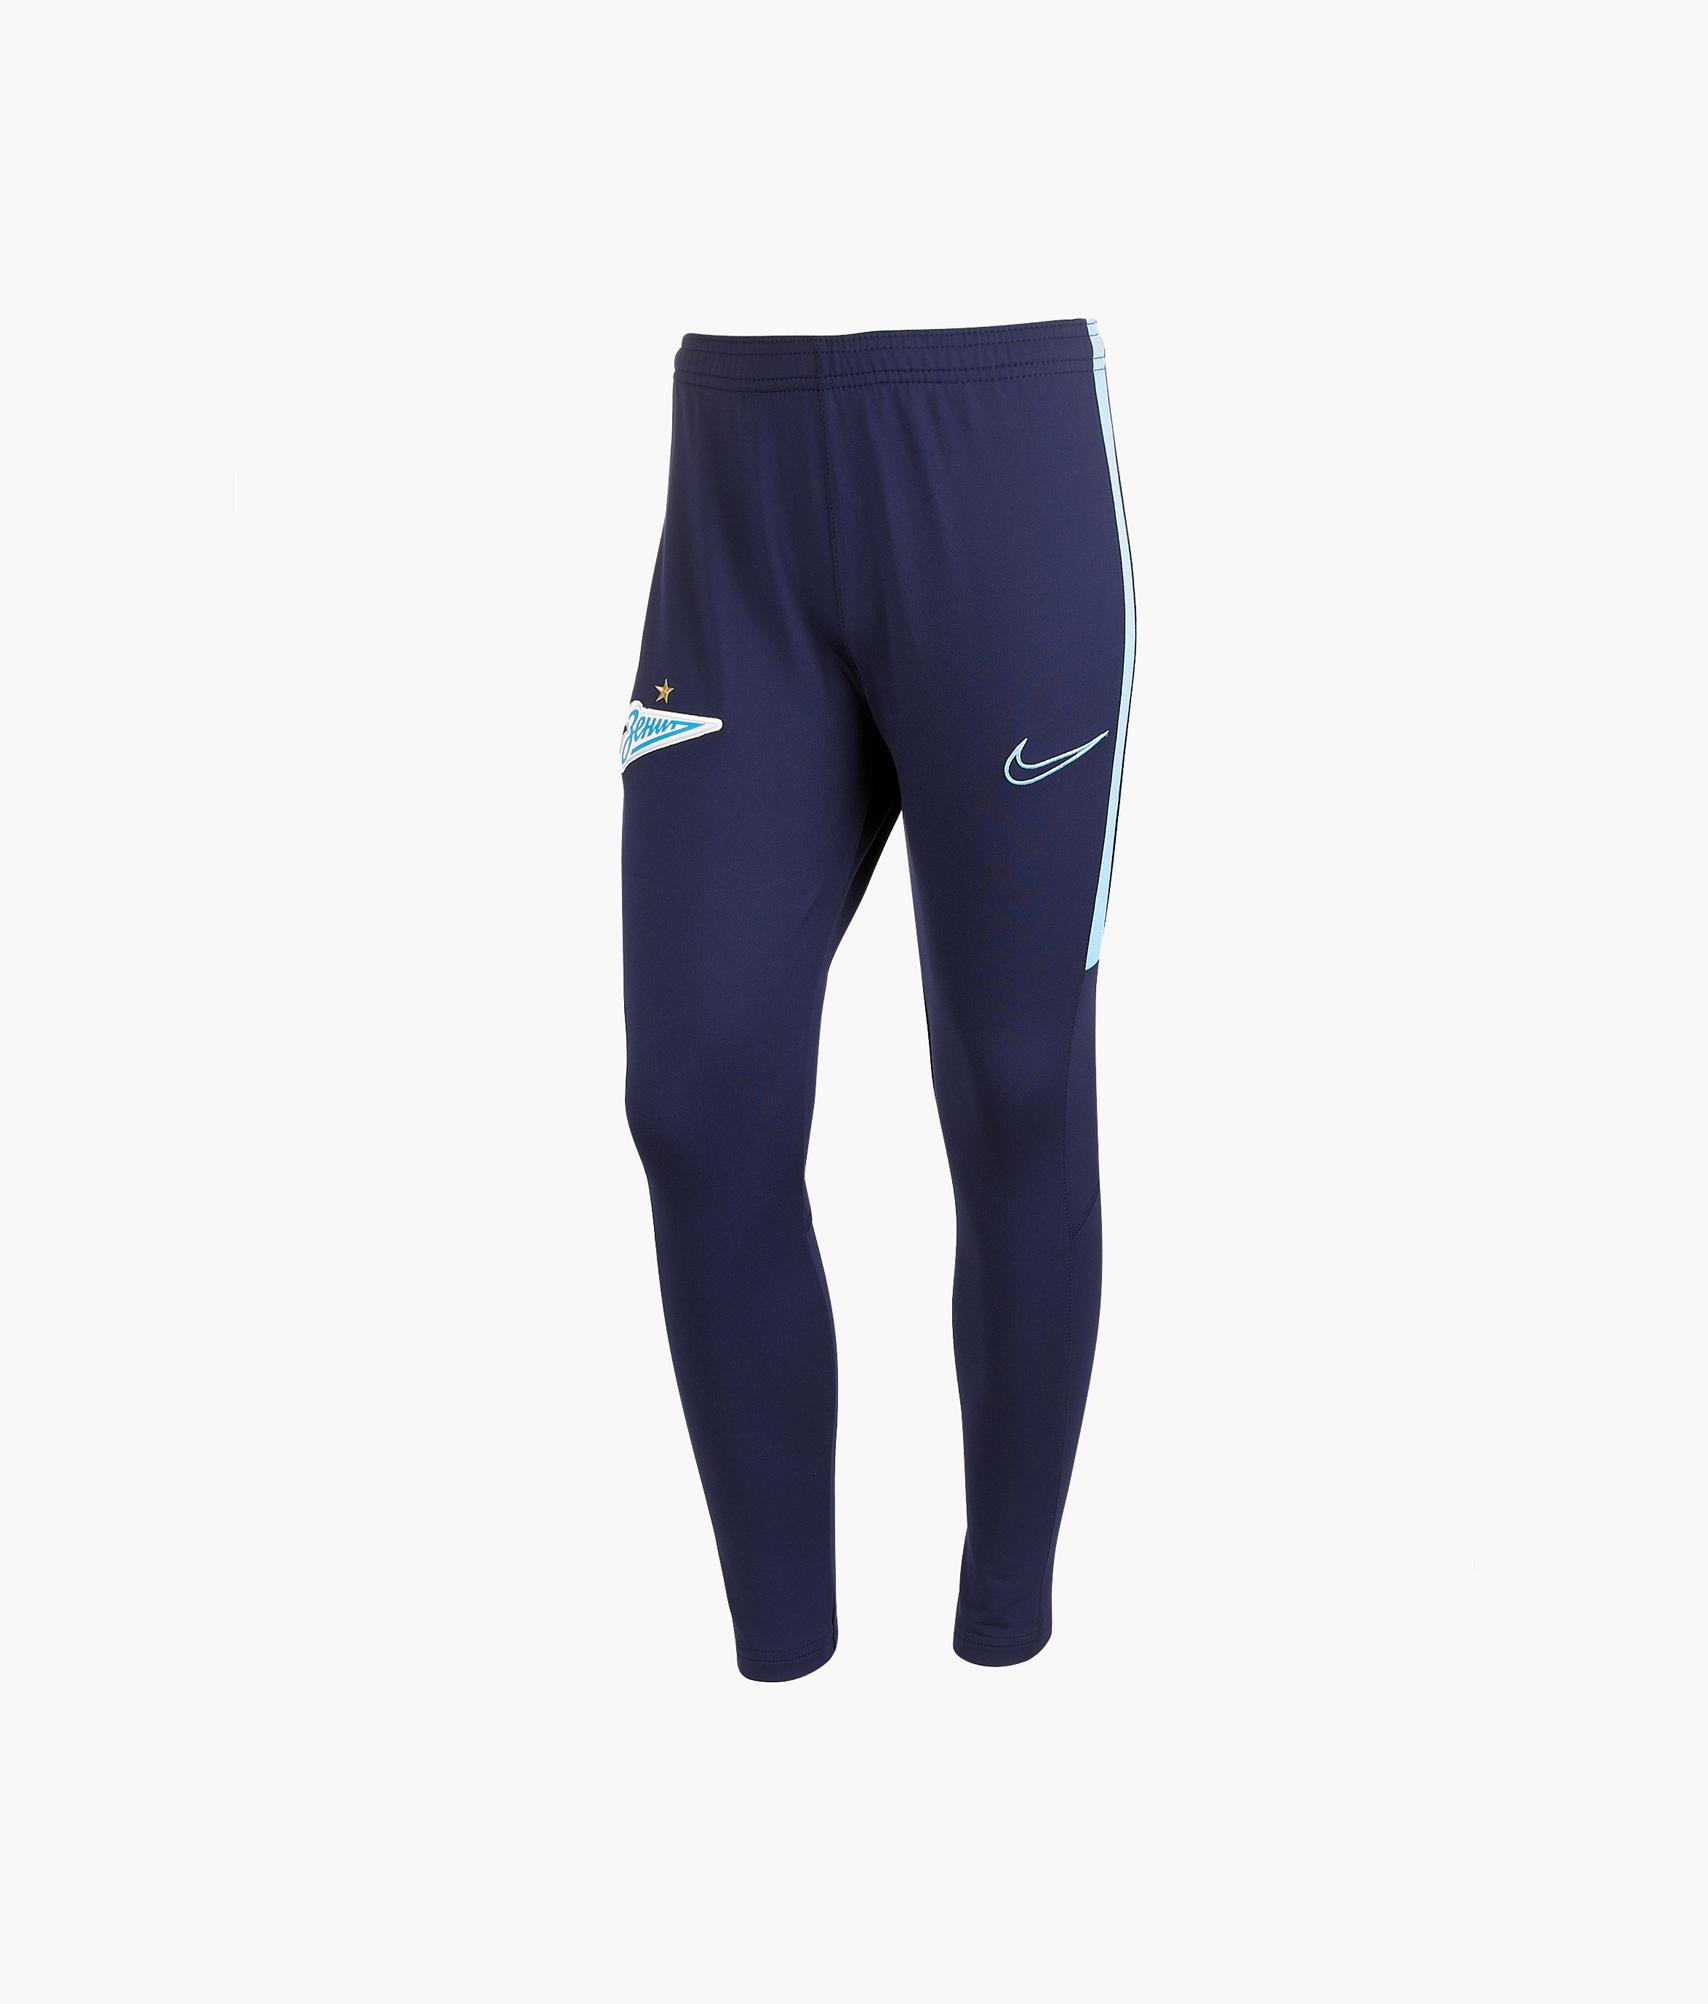 Брюки тренировочные подростковые Nike Zenit 2019/20 Nike брюки тренировочные nike сборной бразилии 893122 454